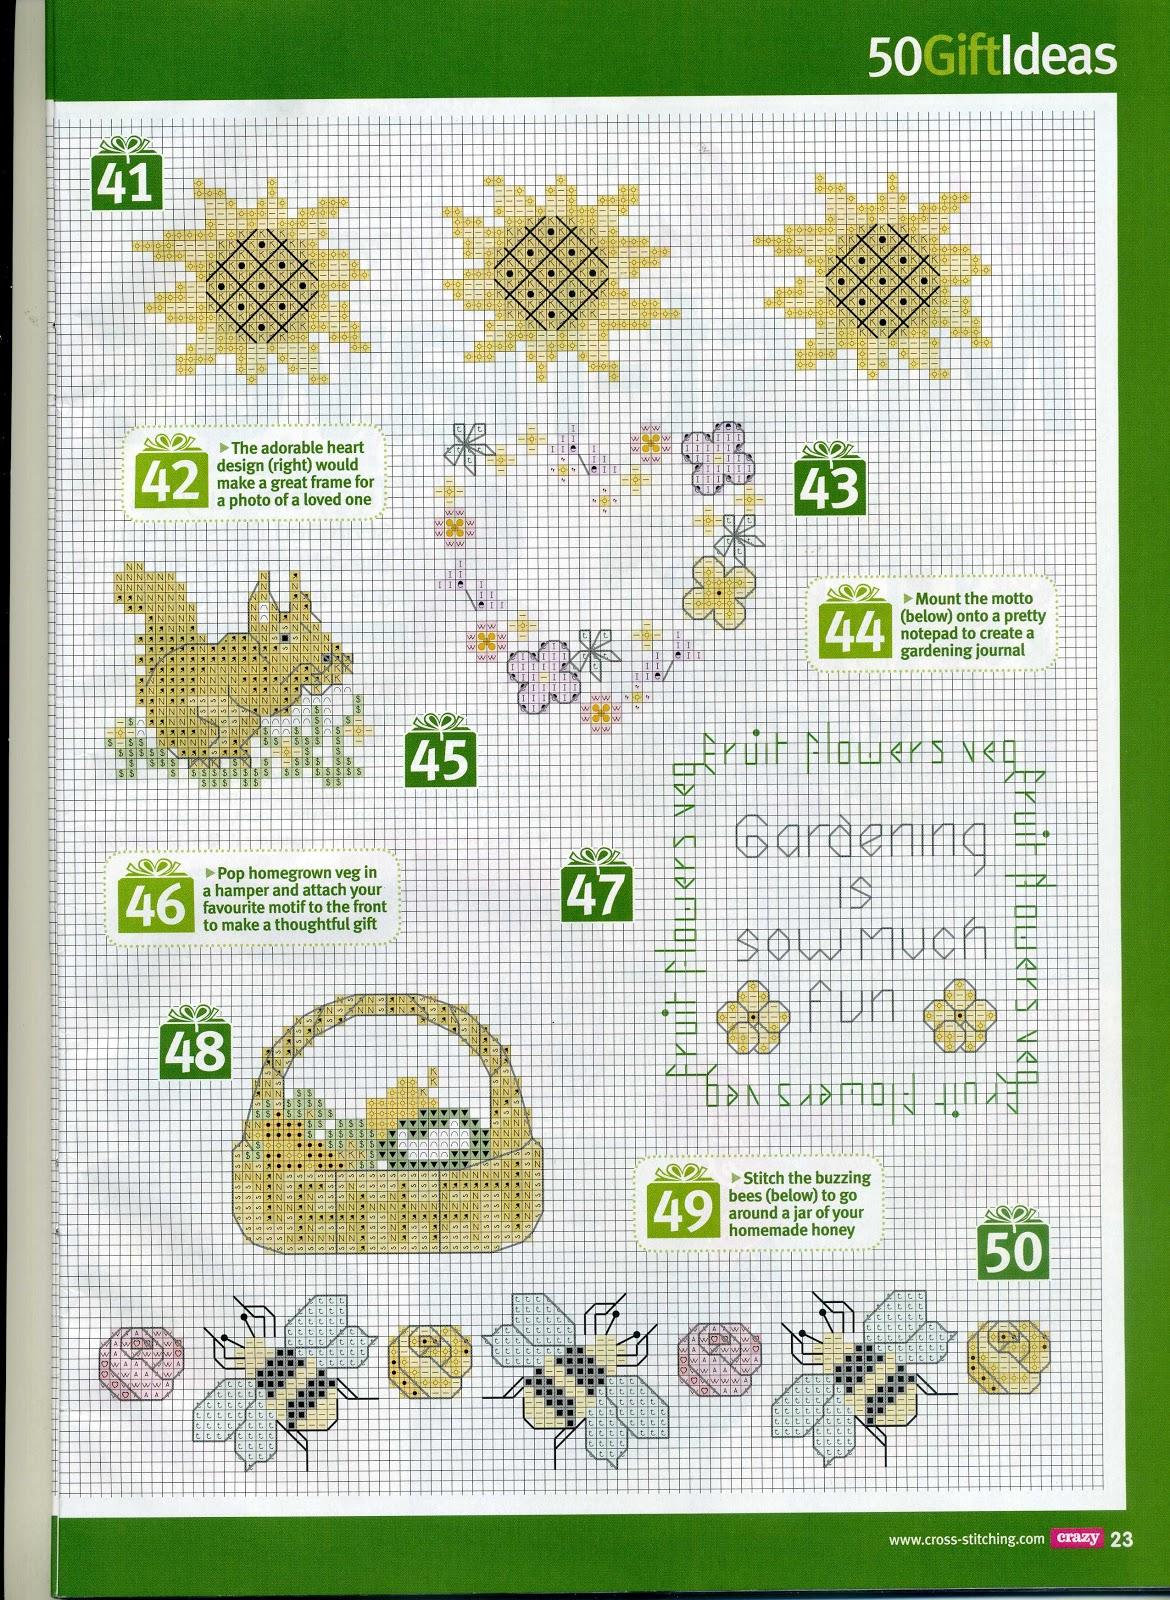 mini jardins orientais: floare flor flower garden jardim jardin mini de jardim minis tree